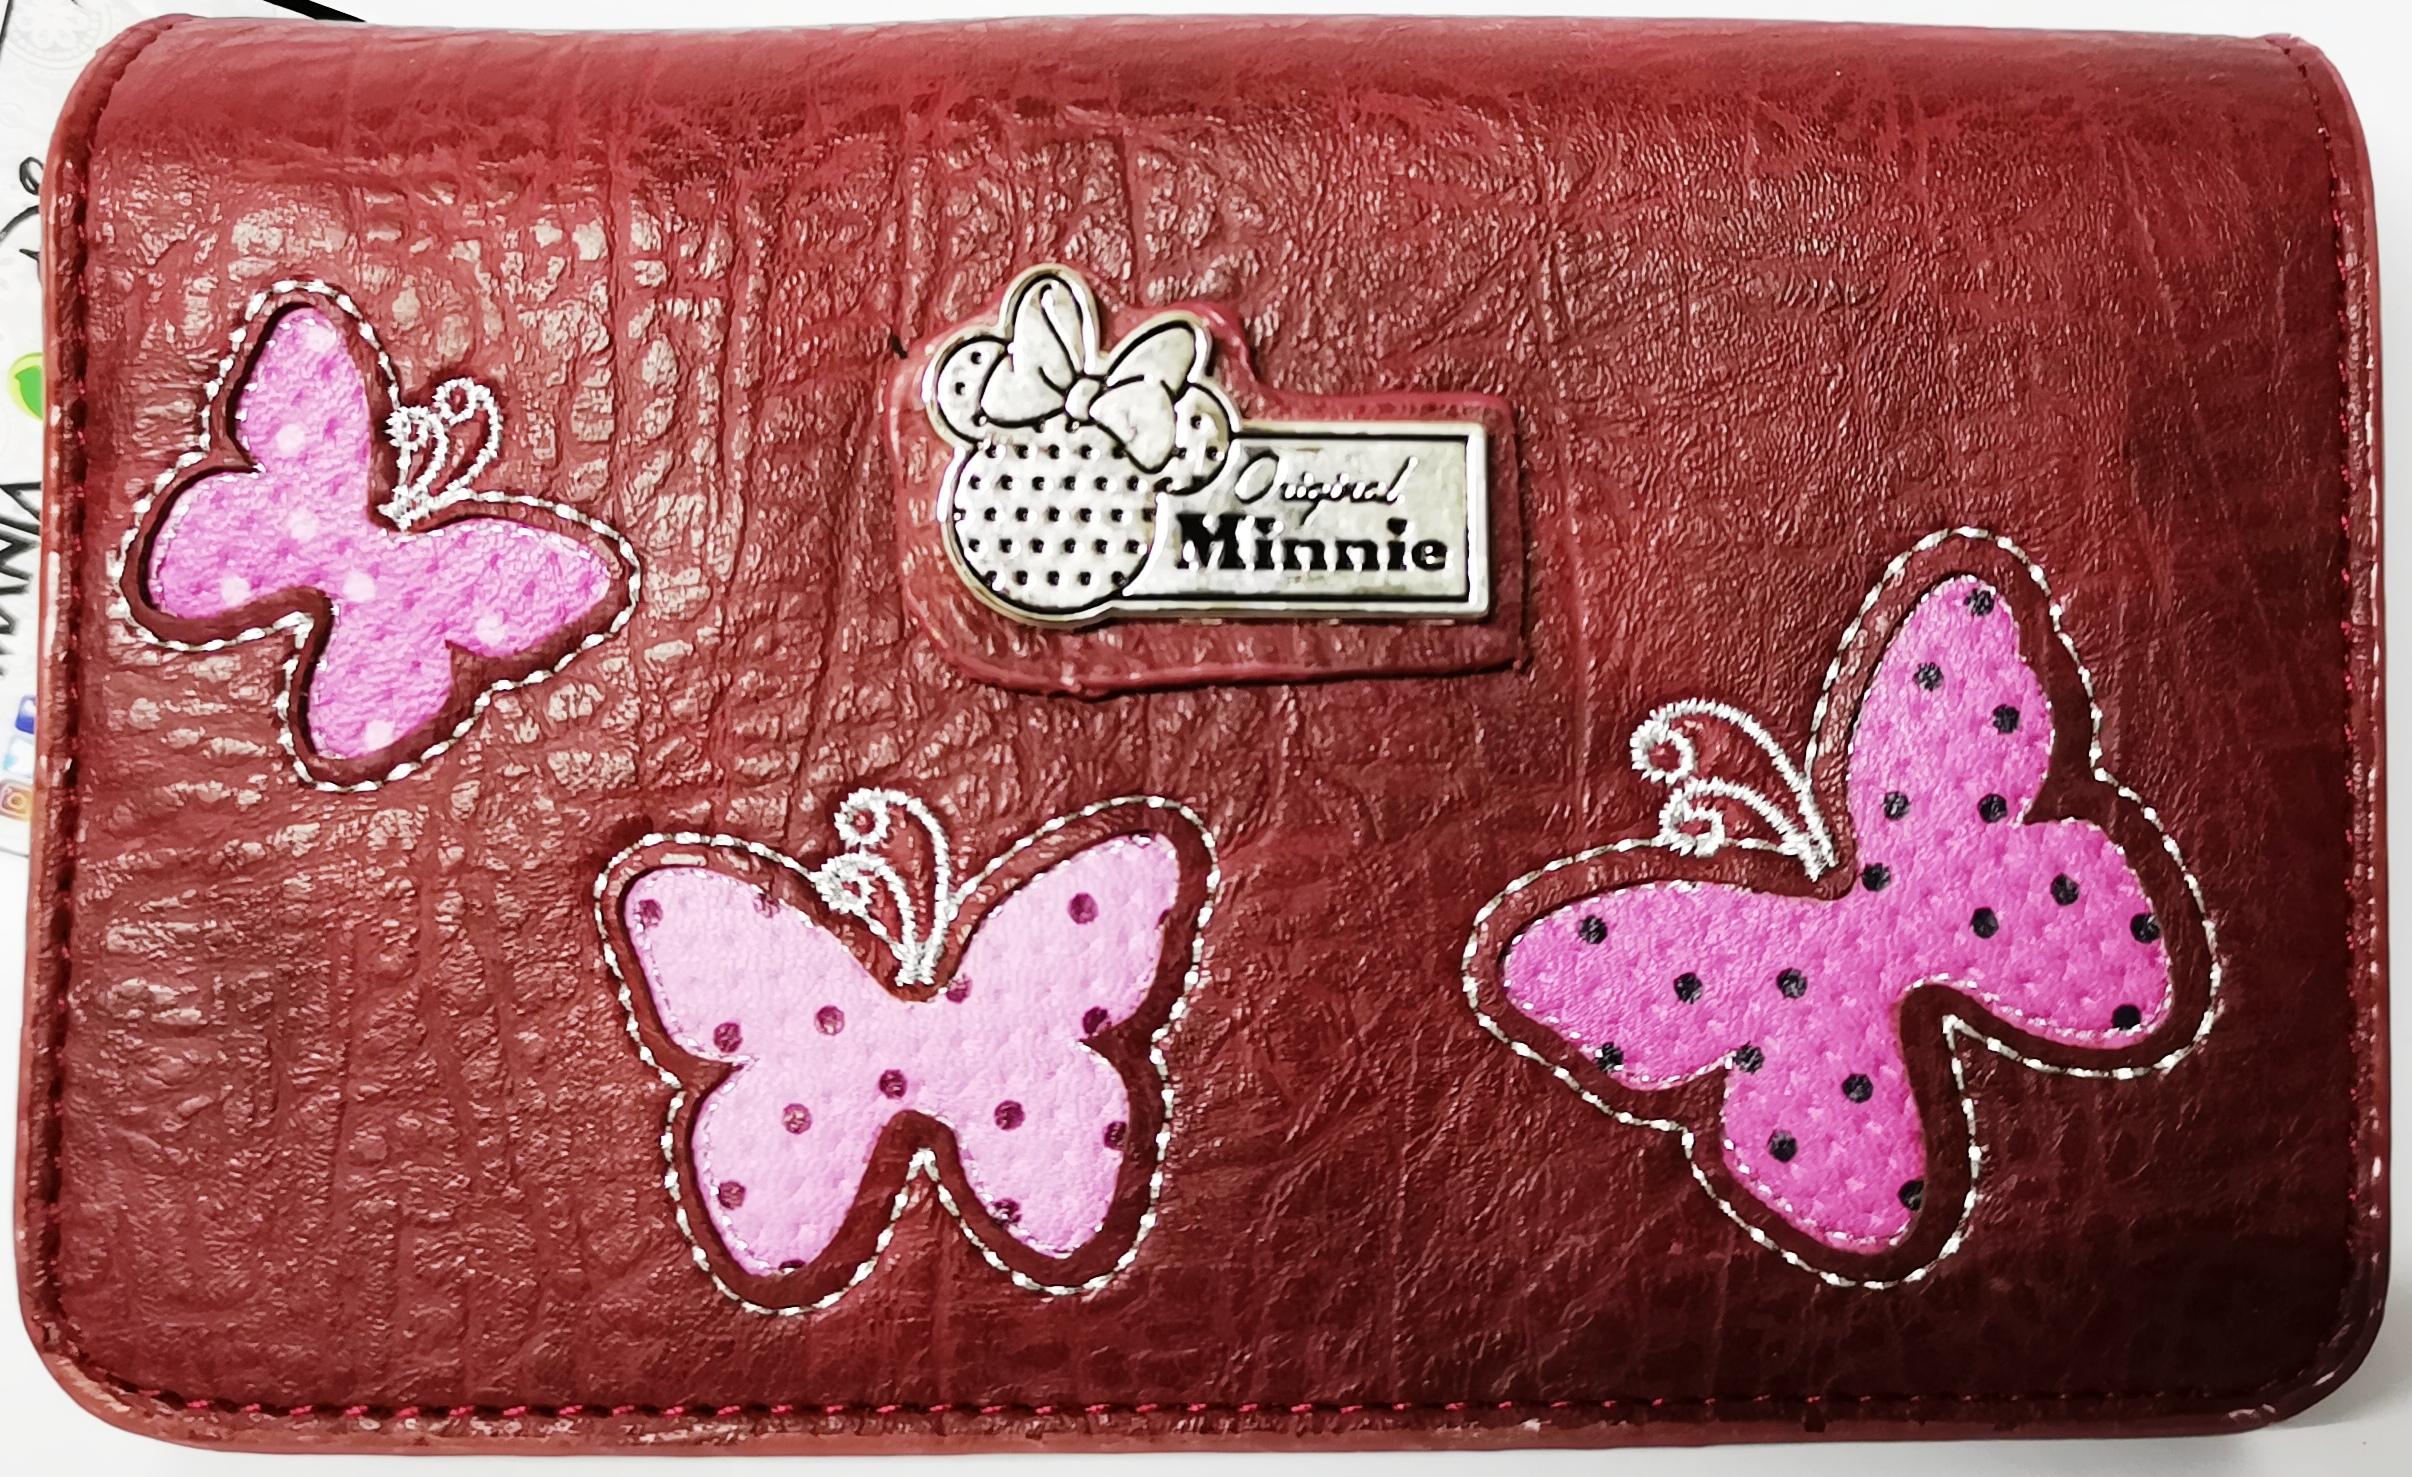 e0e6fc7264 BORSELLINO Portafoglio Portamonete DISNEY MINNIE - Marfly | eBay